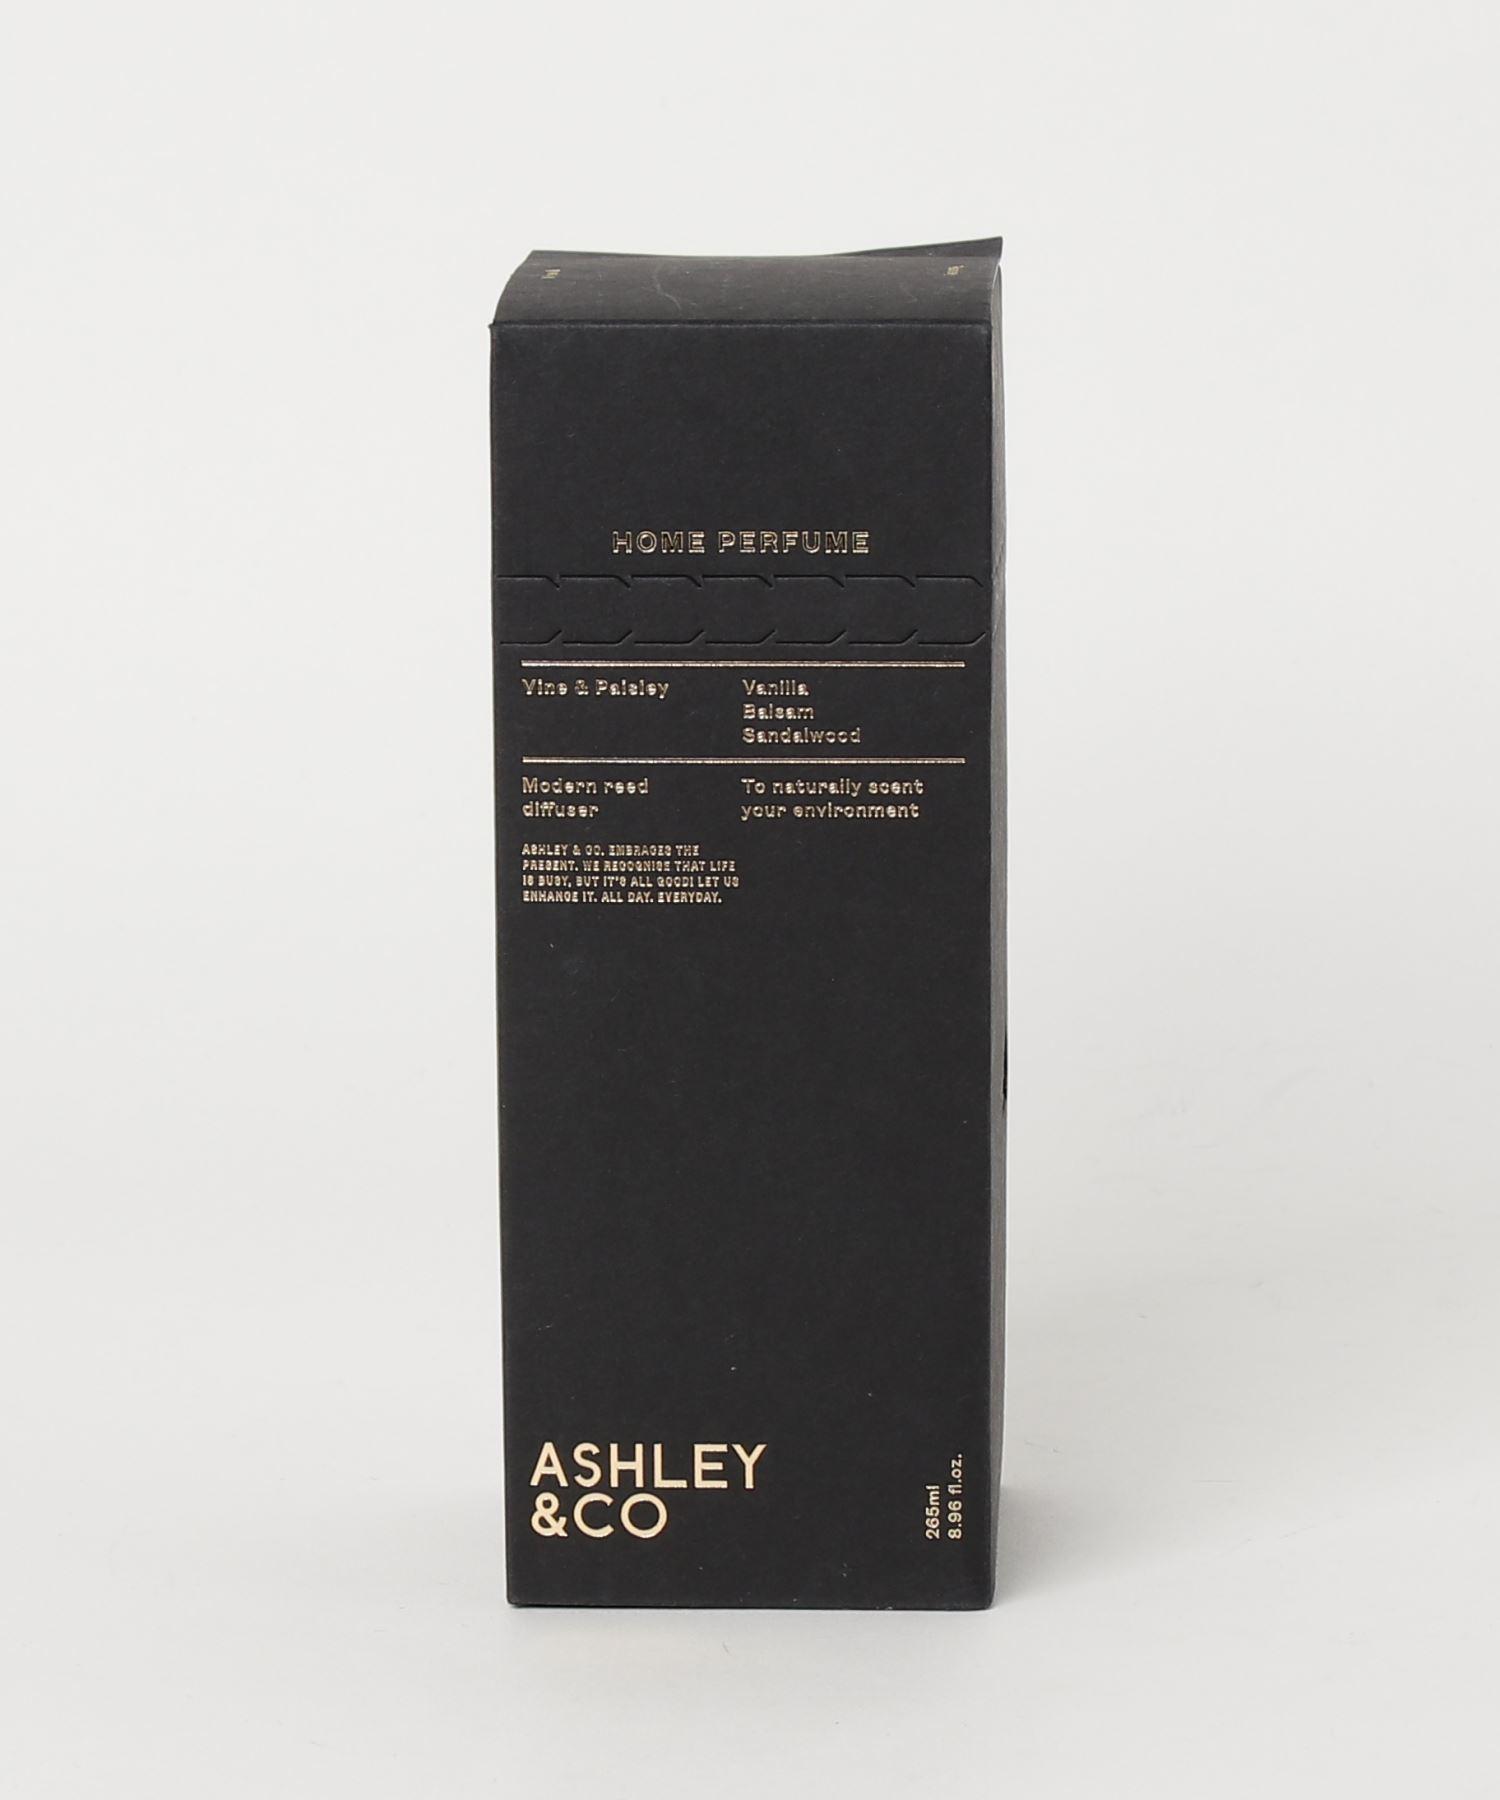 ASHLEY & CO ディフューザー Vine & Paisley 265ml